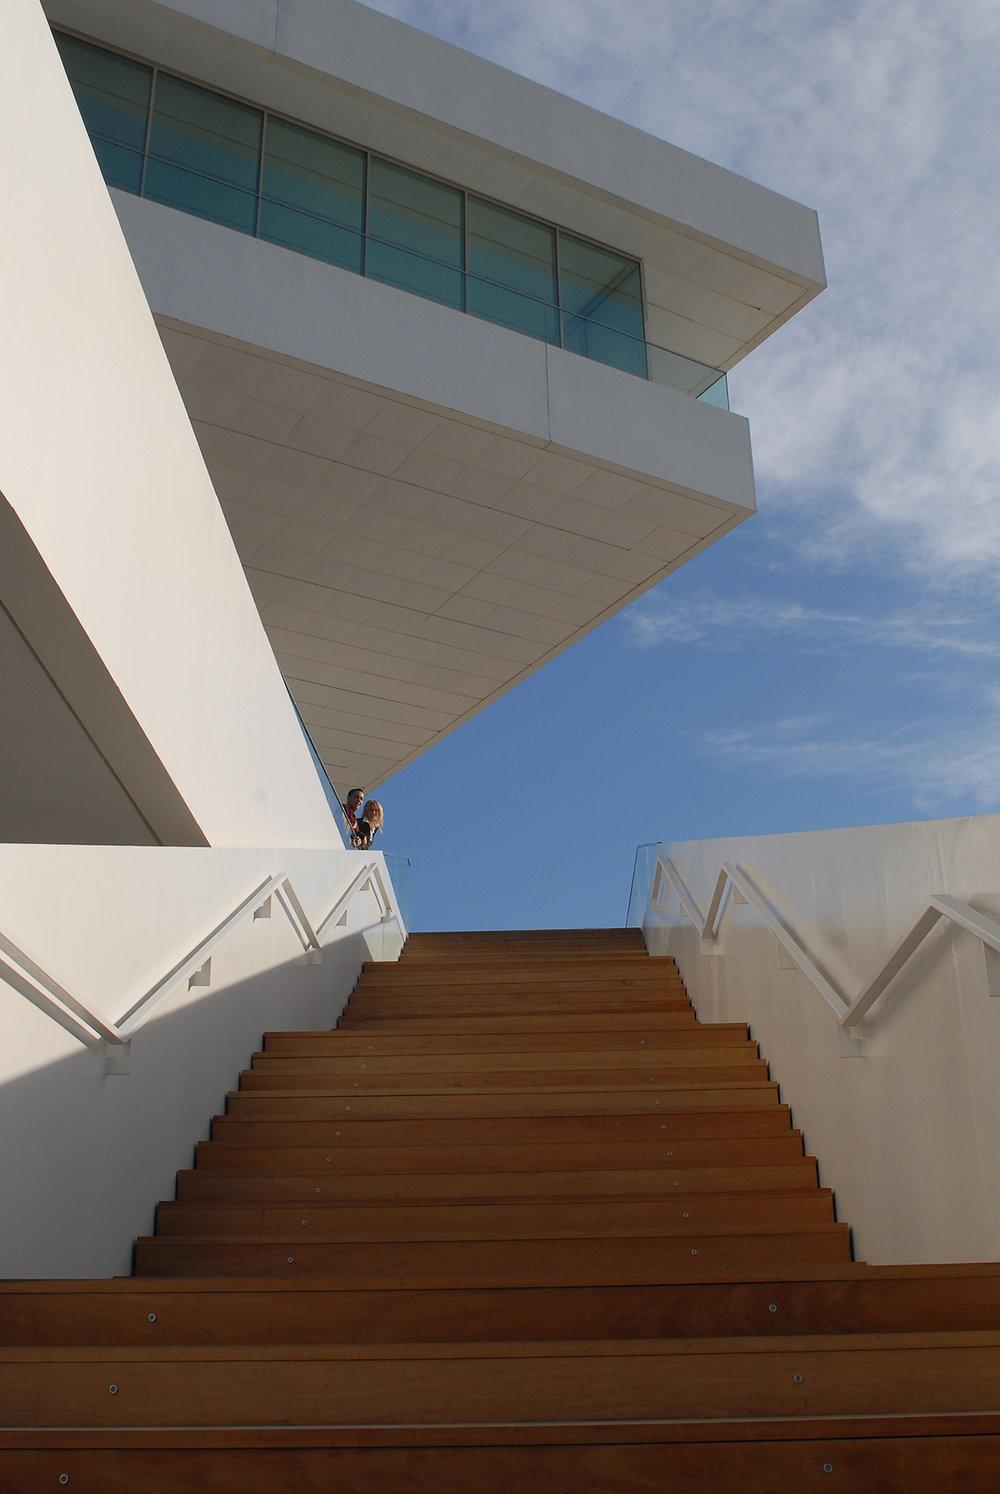 matka, matkablogi, Valencia, Espanja, matkailu, vero, kateus, moderni arkkitehtuuri